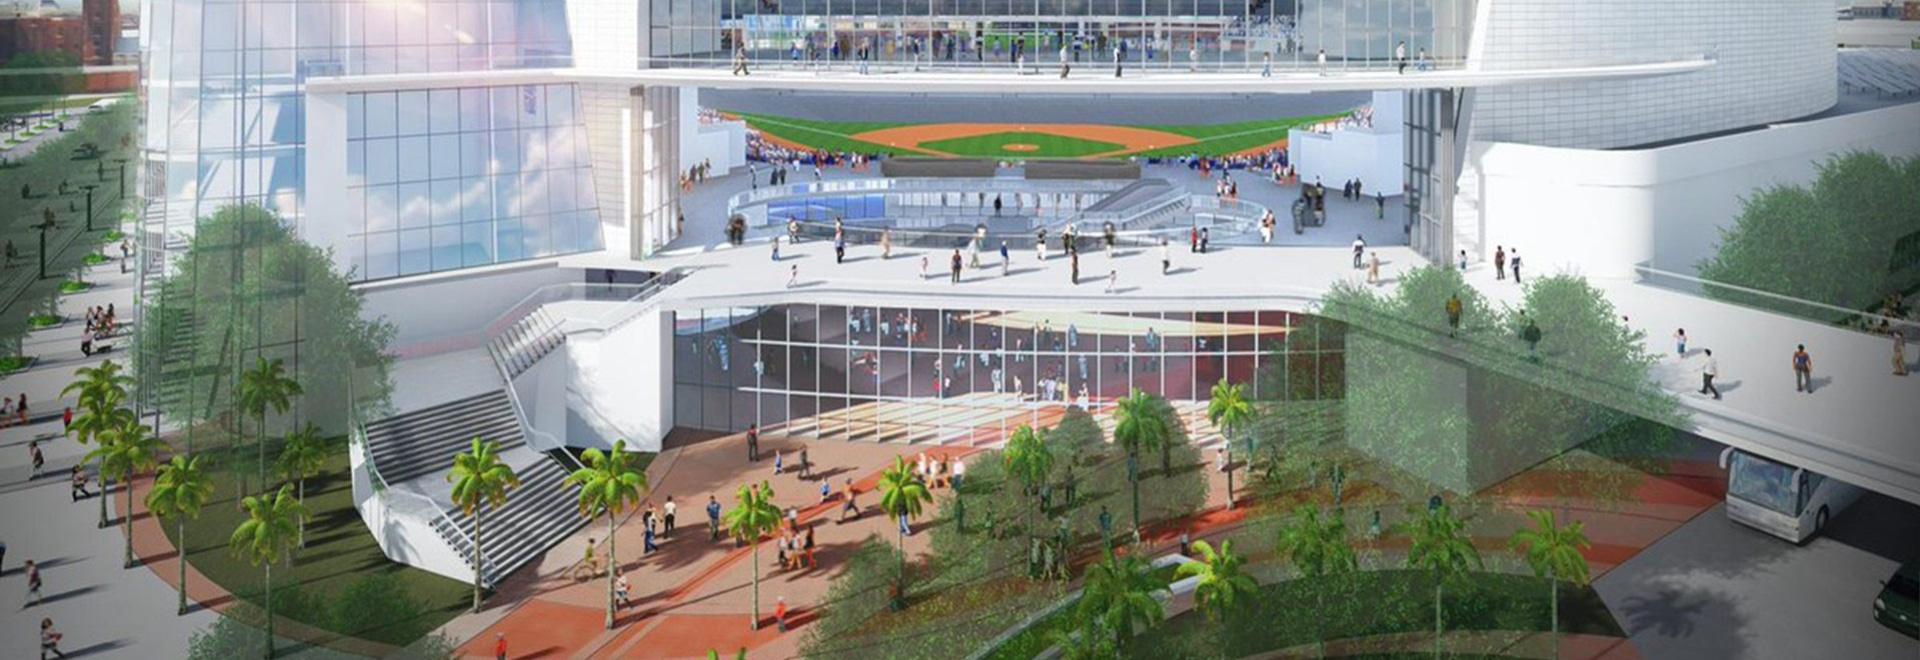 Les Tampa Bay Rays dévoilent des rendus de stade voûté